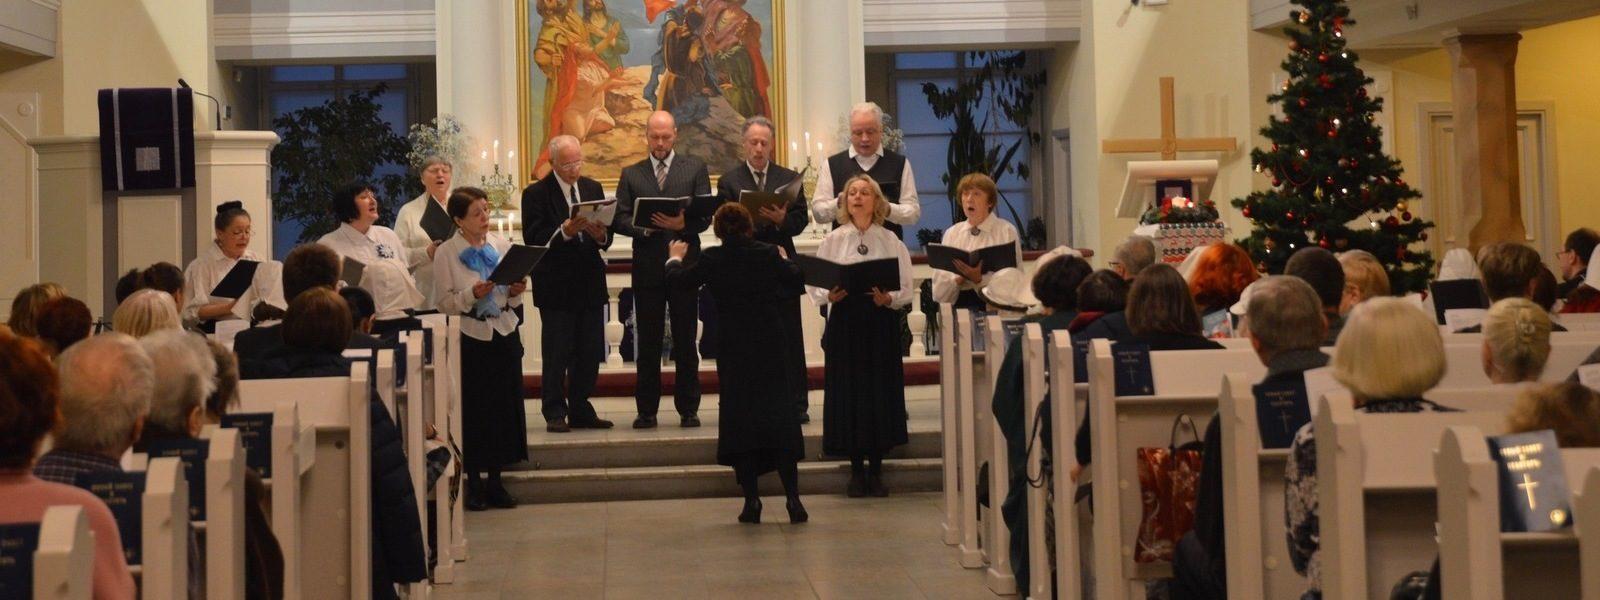 Рождественский музыкальный праздник в Кафедральном соборе